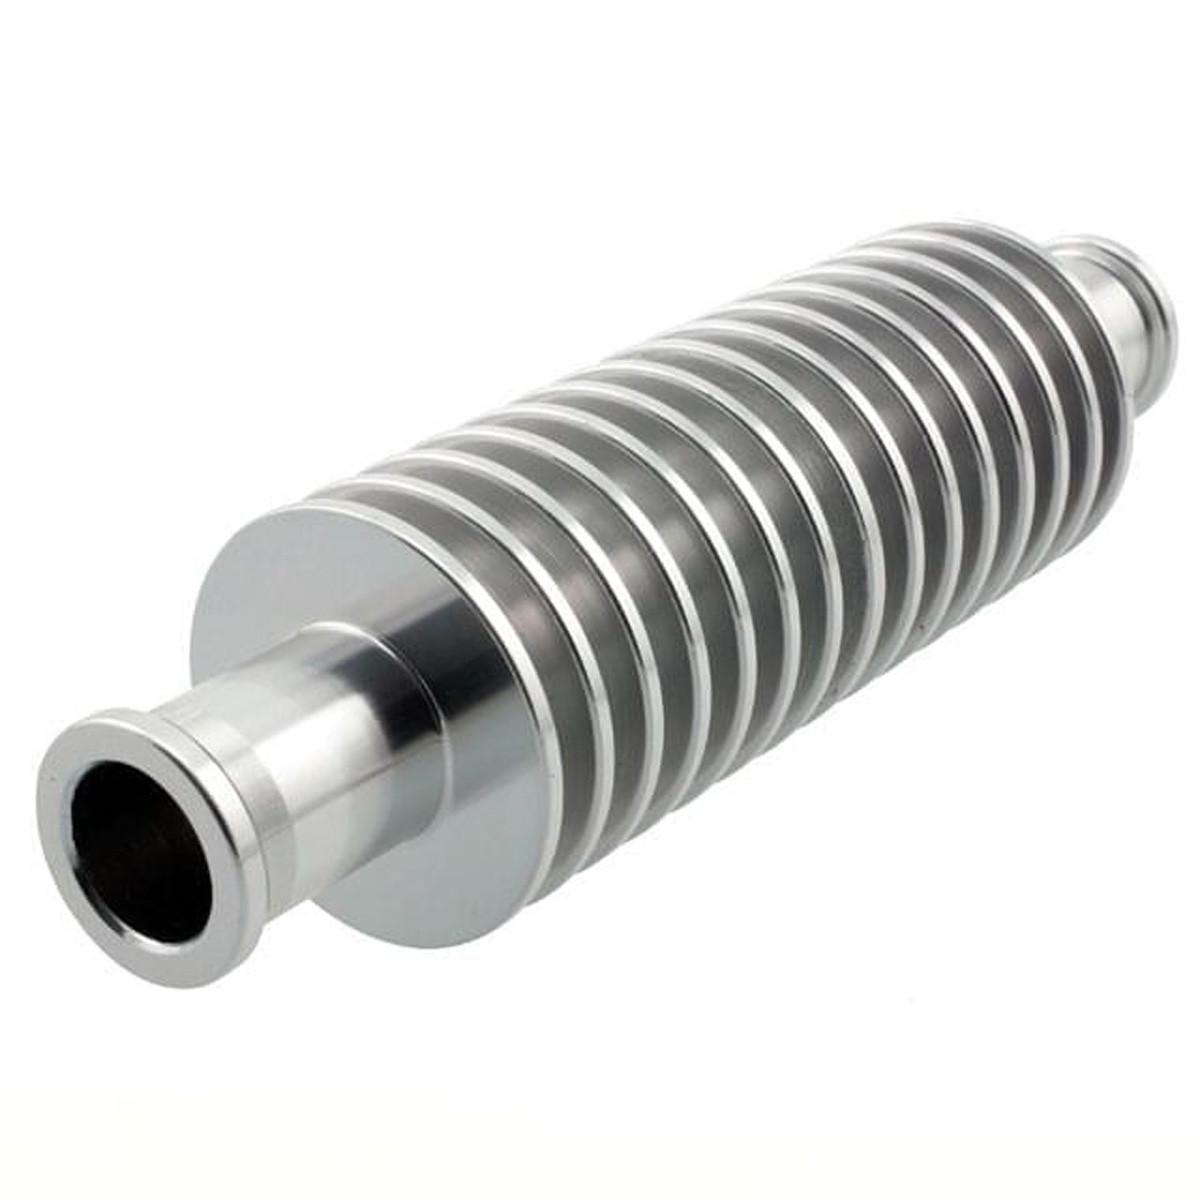 Radiateur pour durite de refroidissement - STR8 15mm Alu Poli